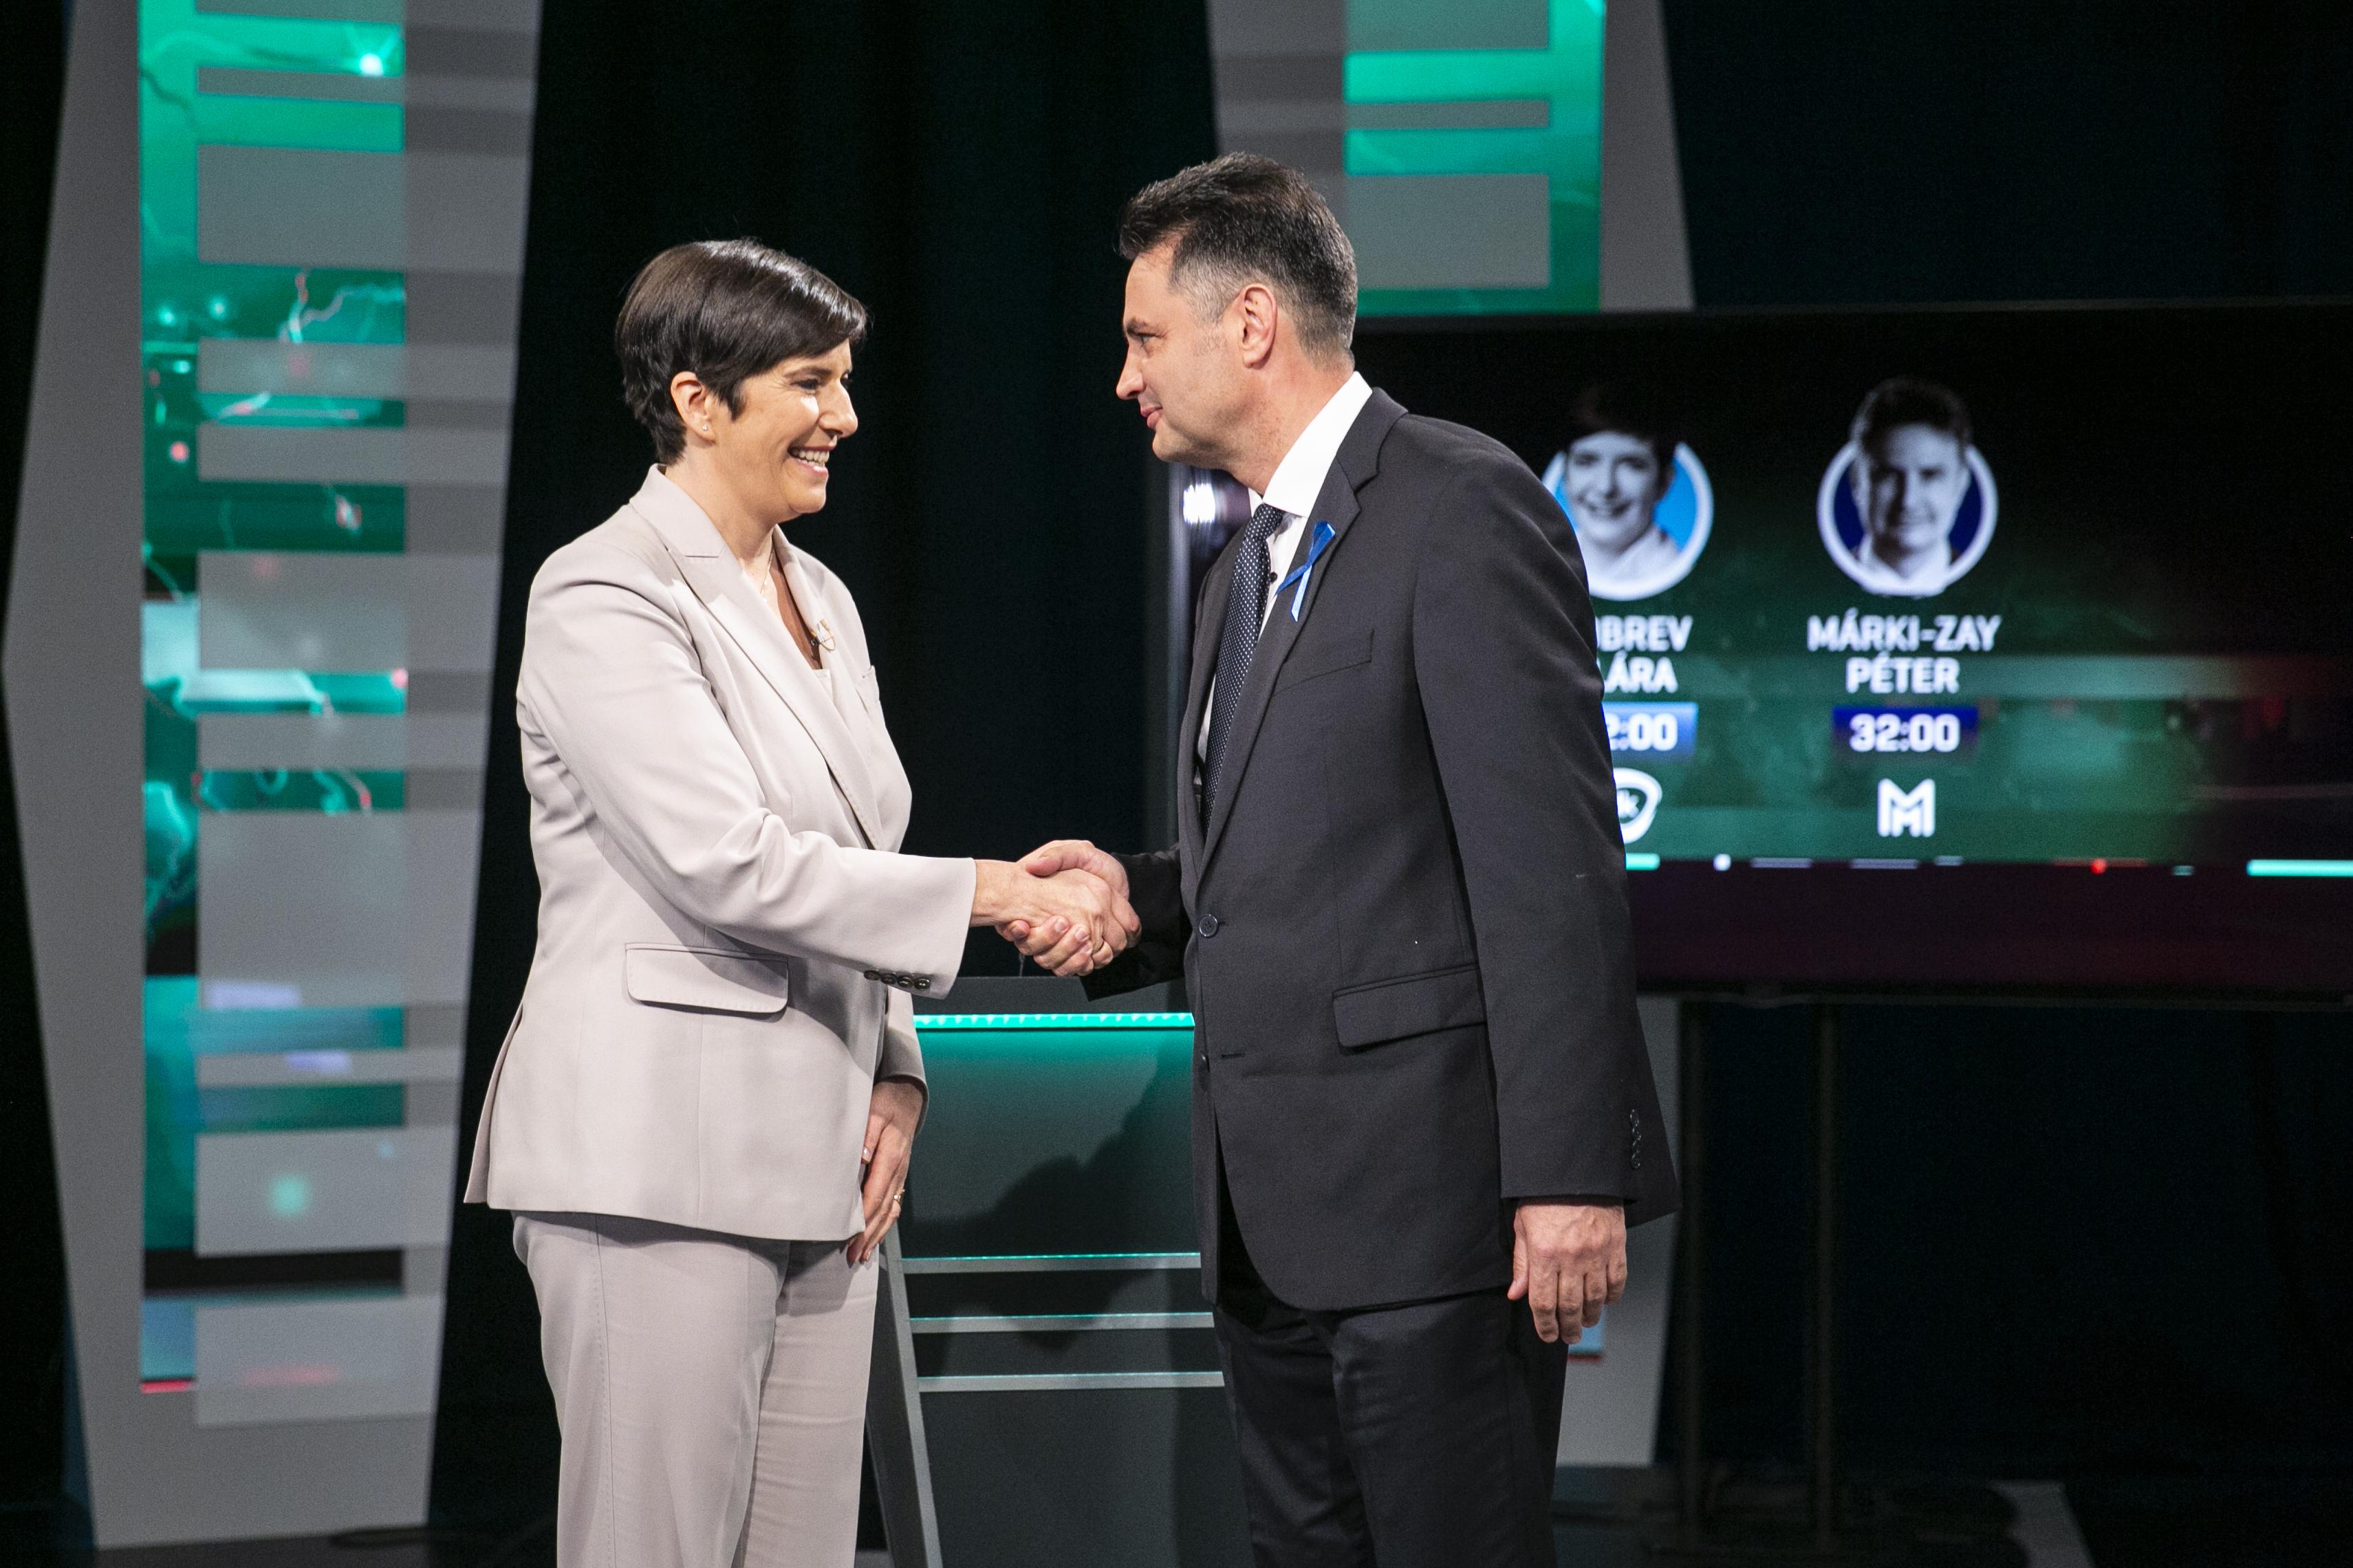 Dobrev–Márki-Zay-vita: Egymásnak mentek azért, hogy ki tudja megvalósítani azt, amiben egyetértenek